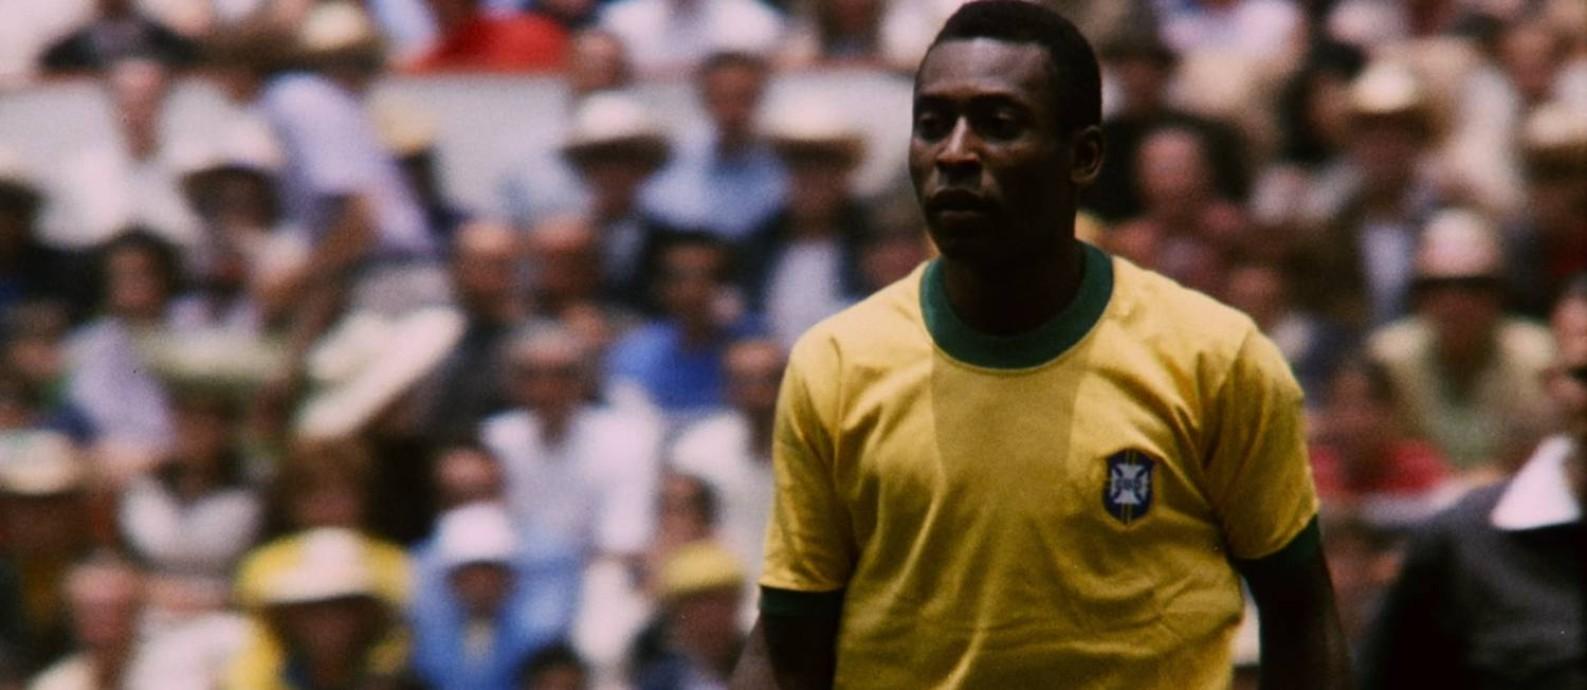 Maior estrela do futebol, Pelé brilhou durante a Ditadura Militar Foto: Divulgação/Netflix